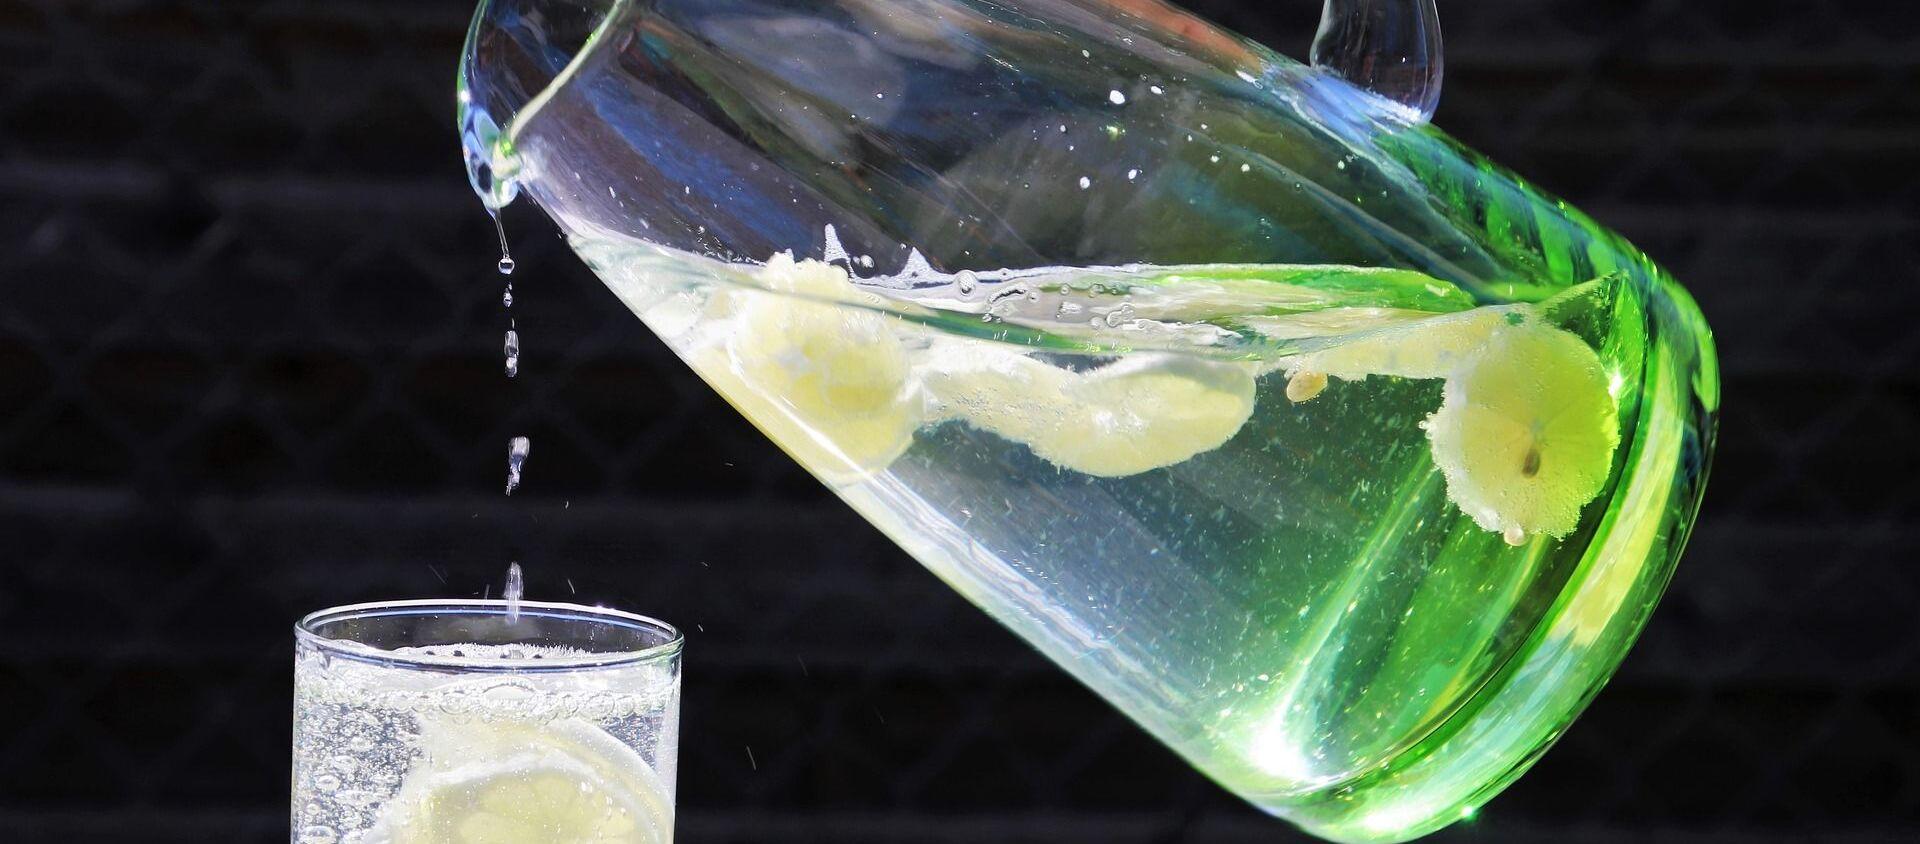 ლიმონიანი წყალი - Sputnik საქართველო, 1920, 20.03.2021